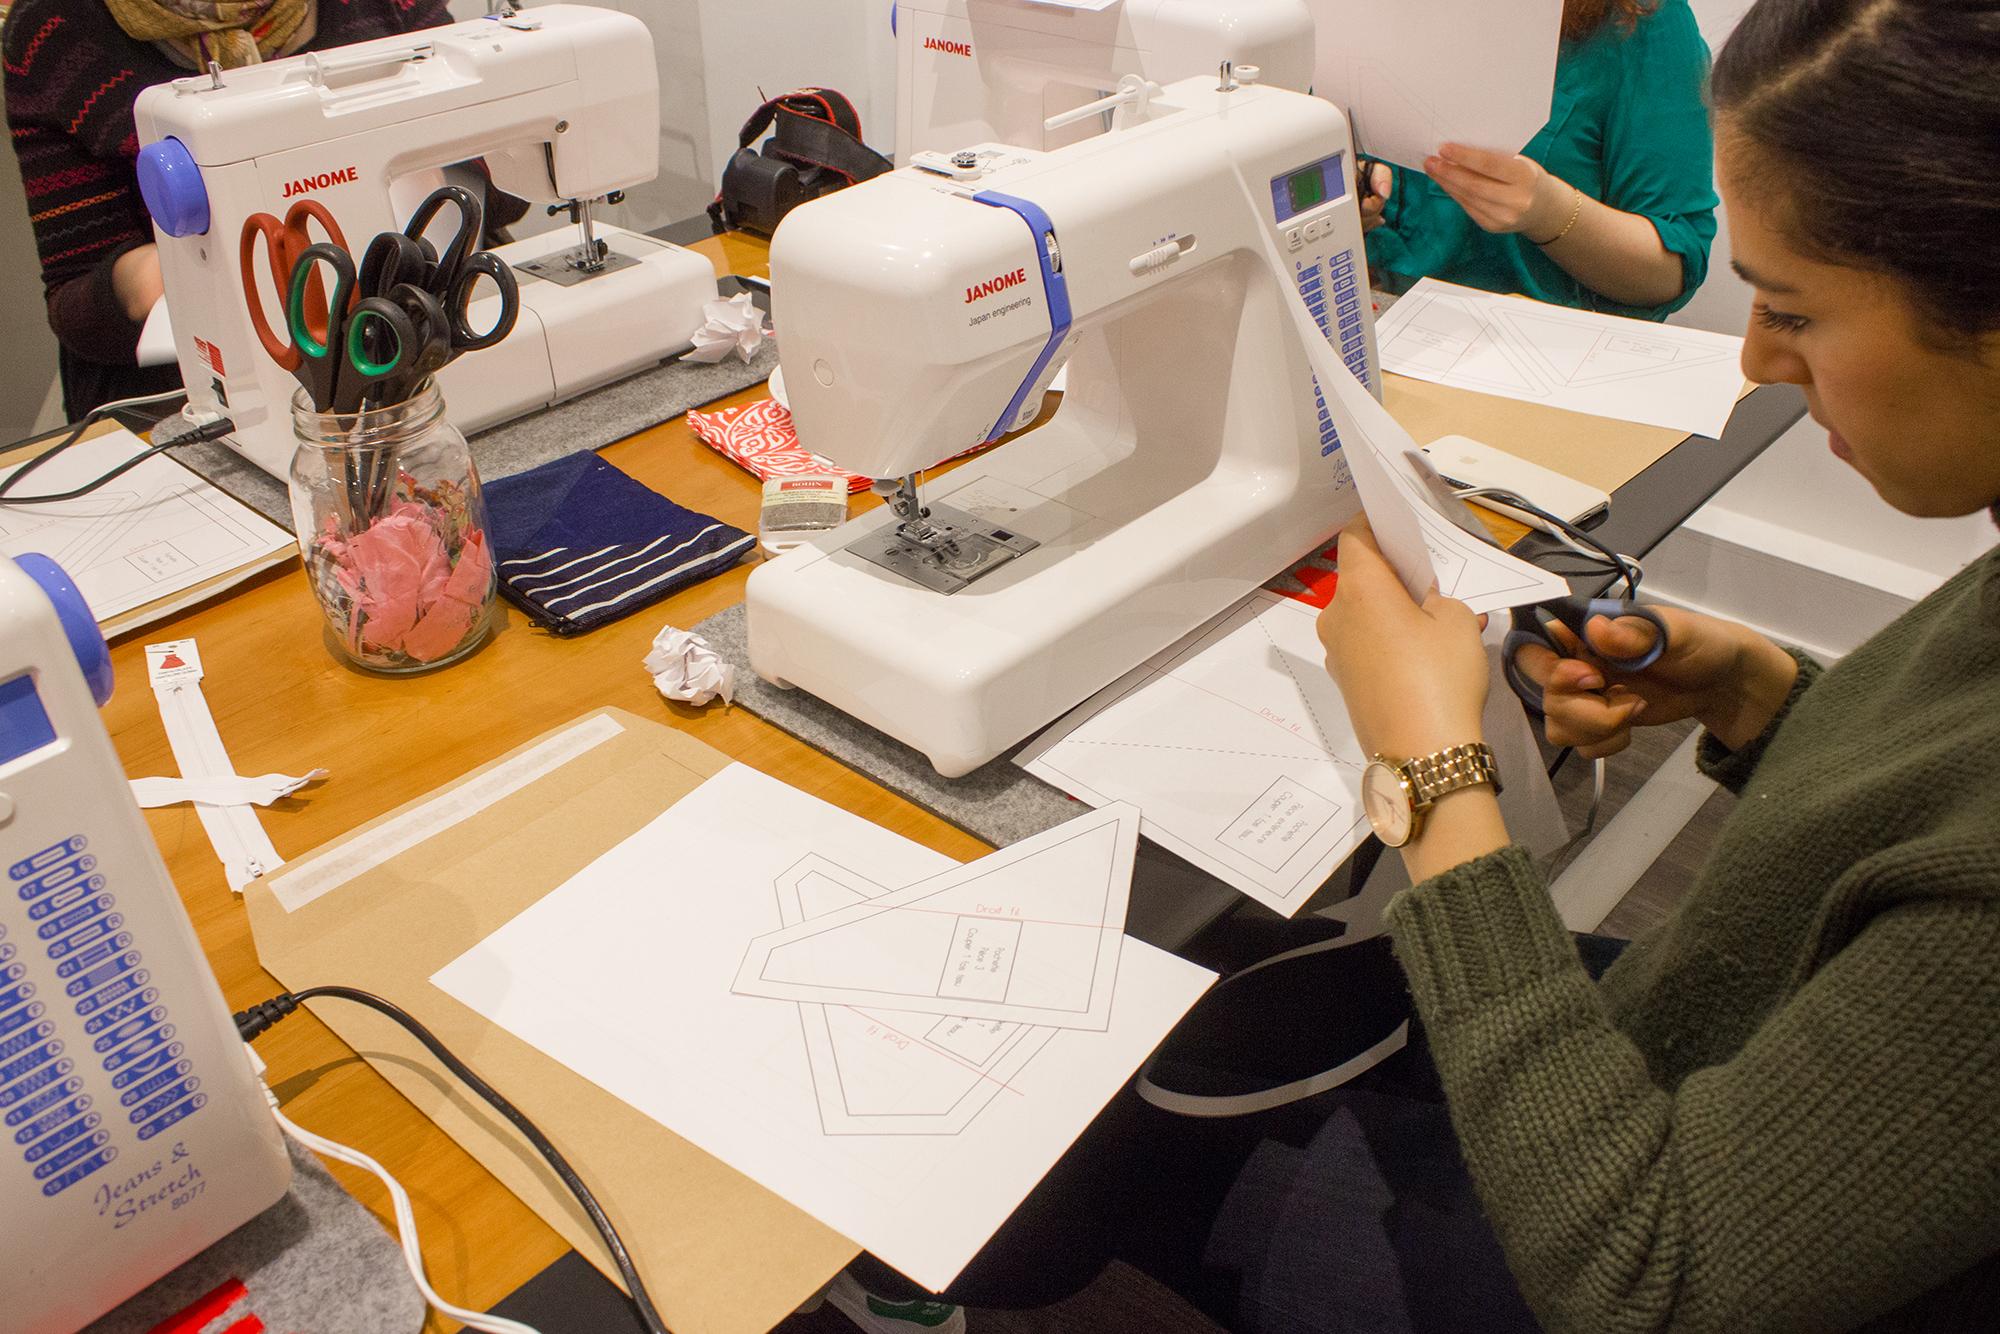 hand and hand sabrina participant à l'atelier couture débutant chez janome paris